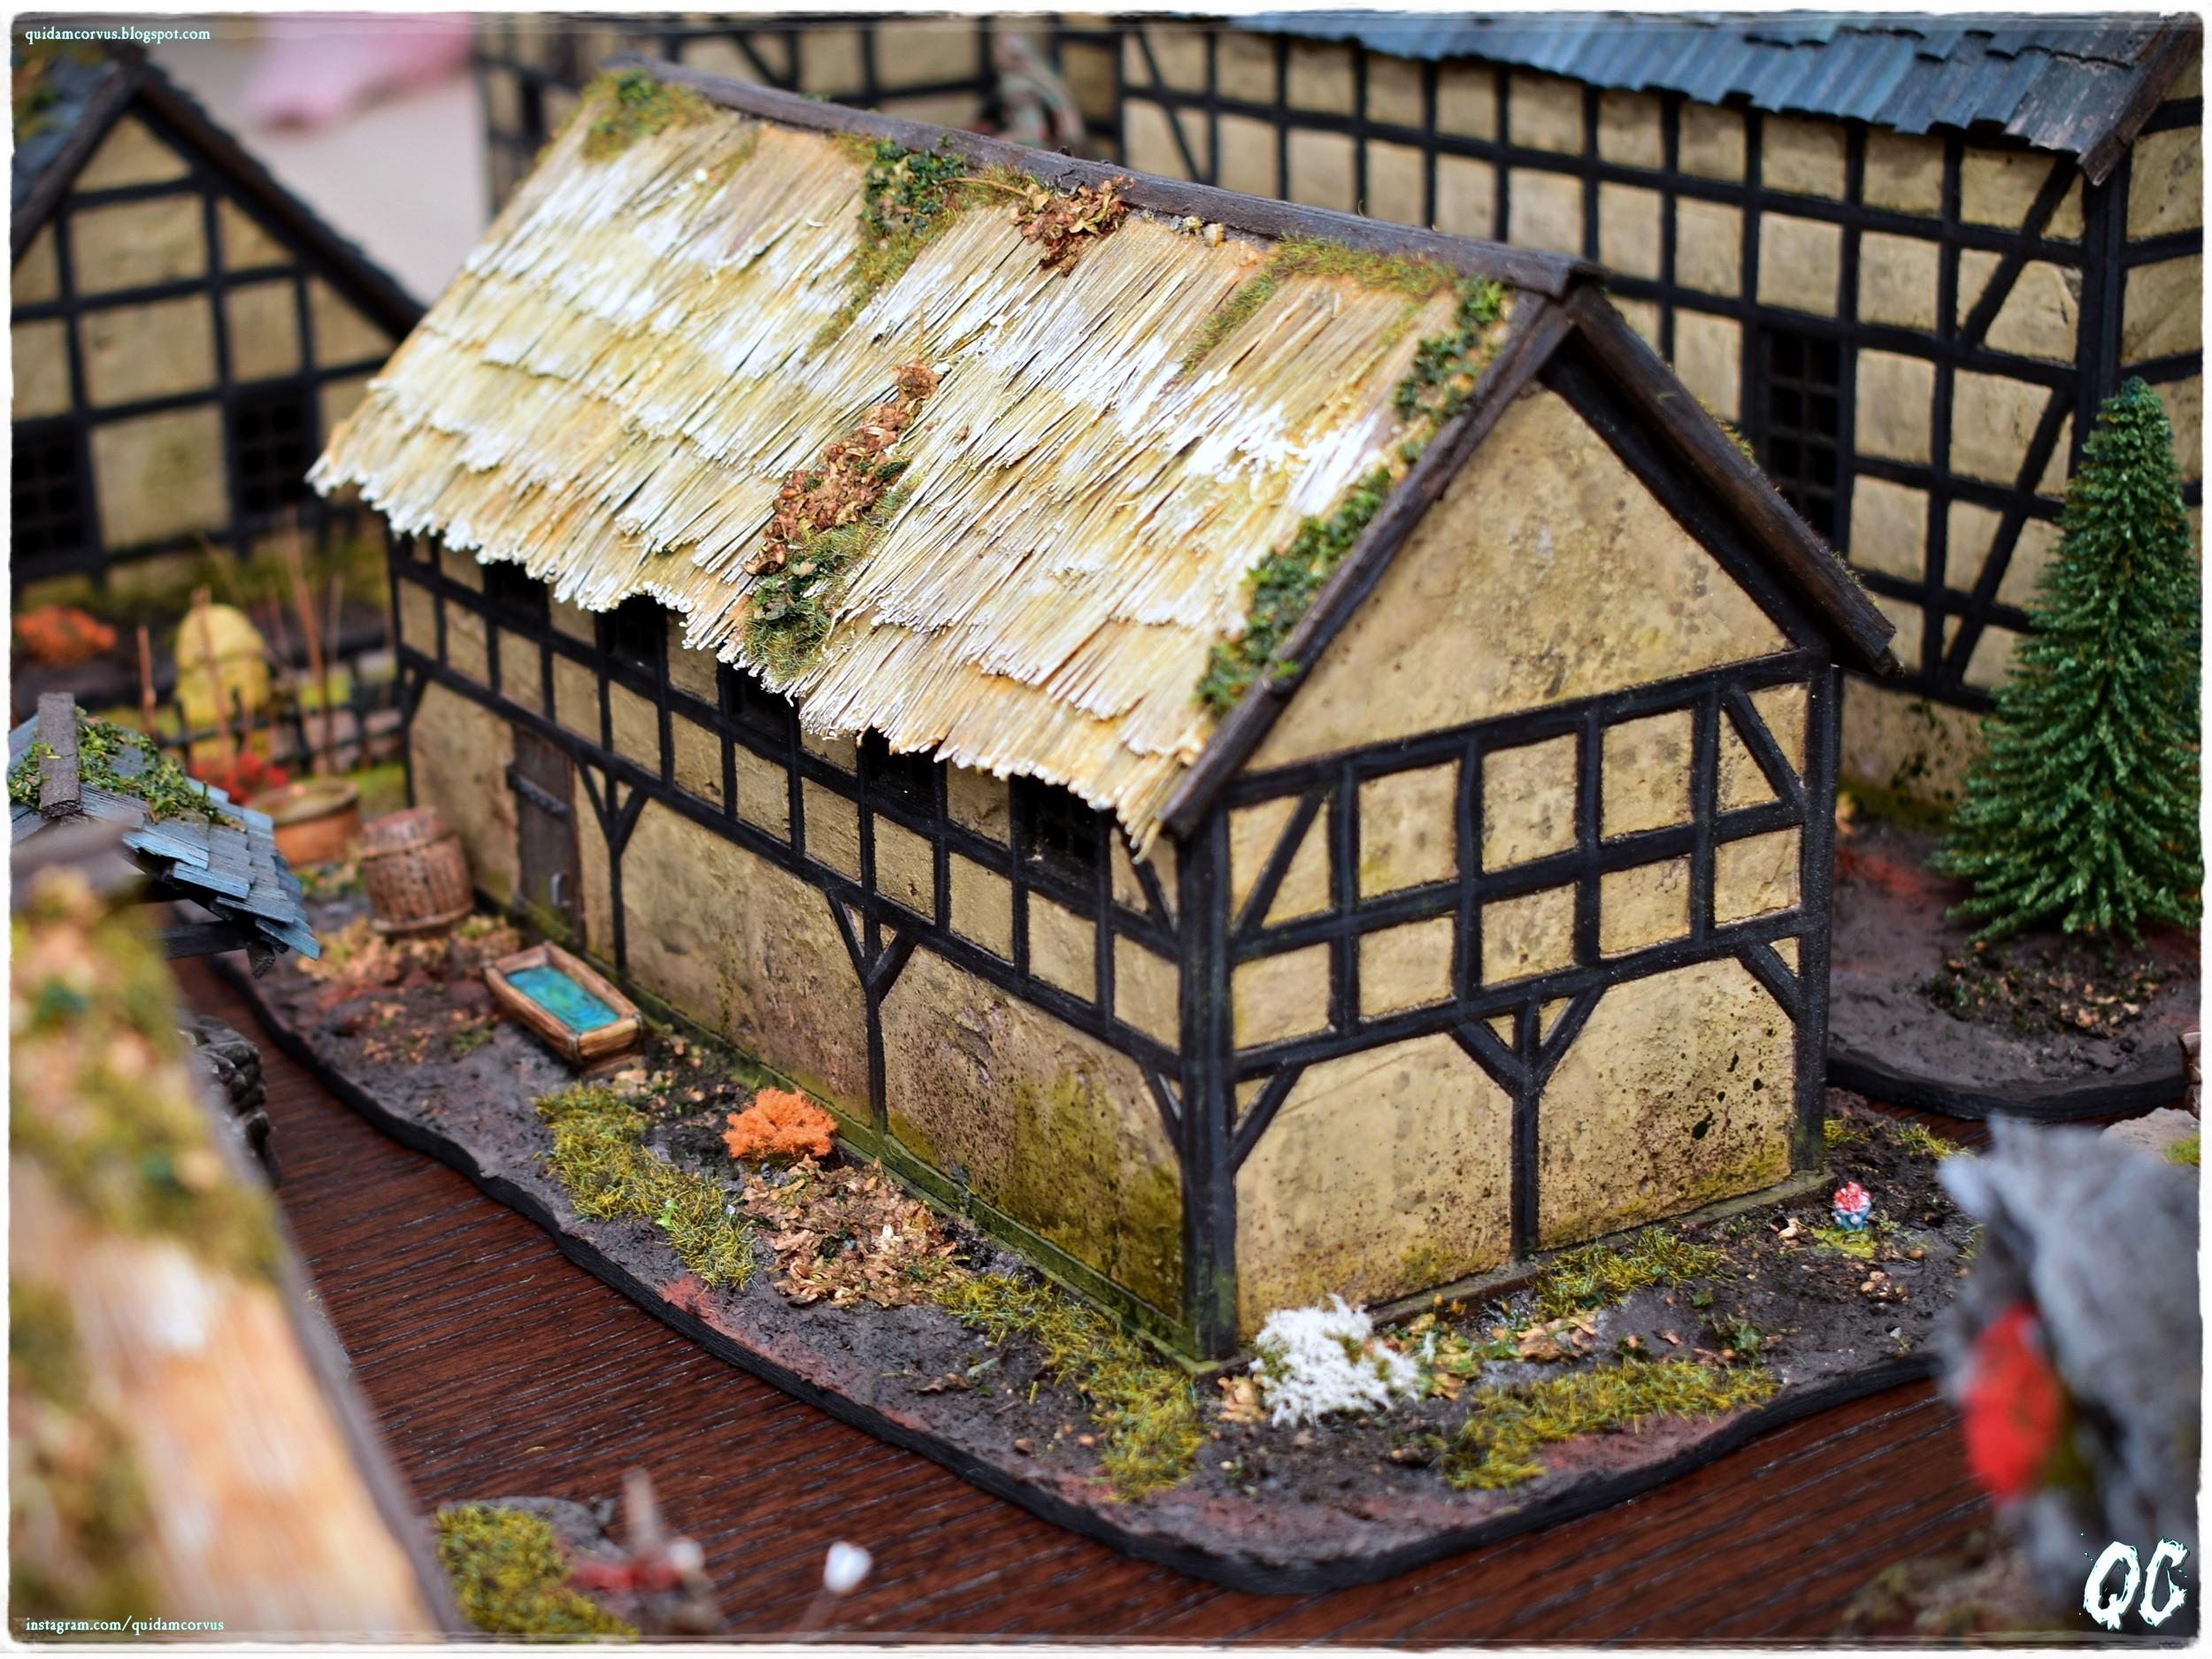 Building by quidamcorvus - Page 5 3wRJ1h